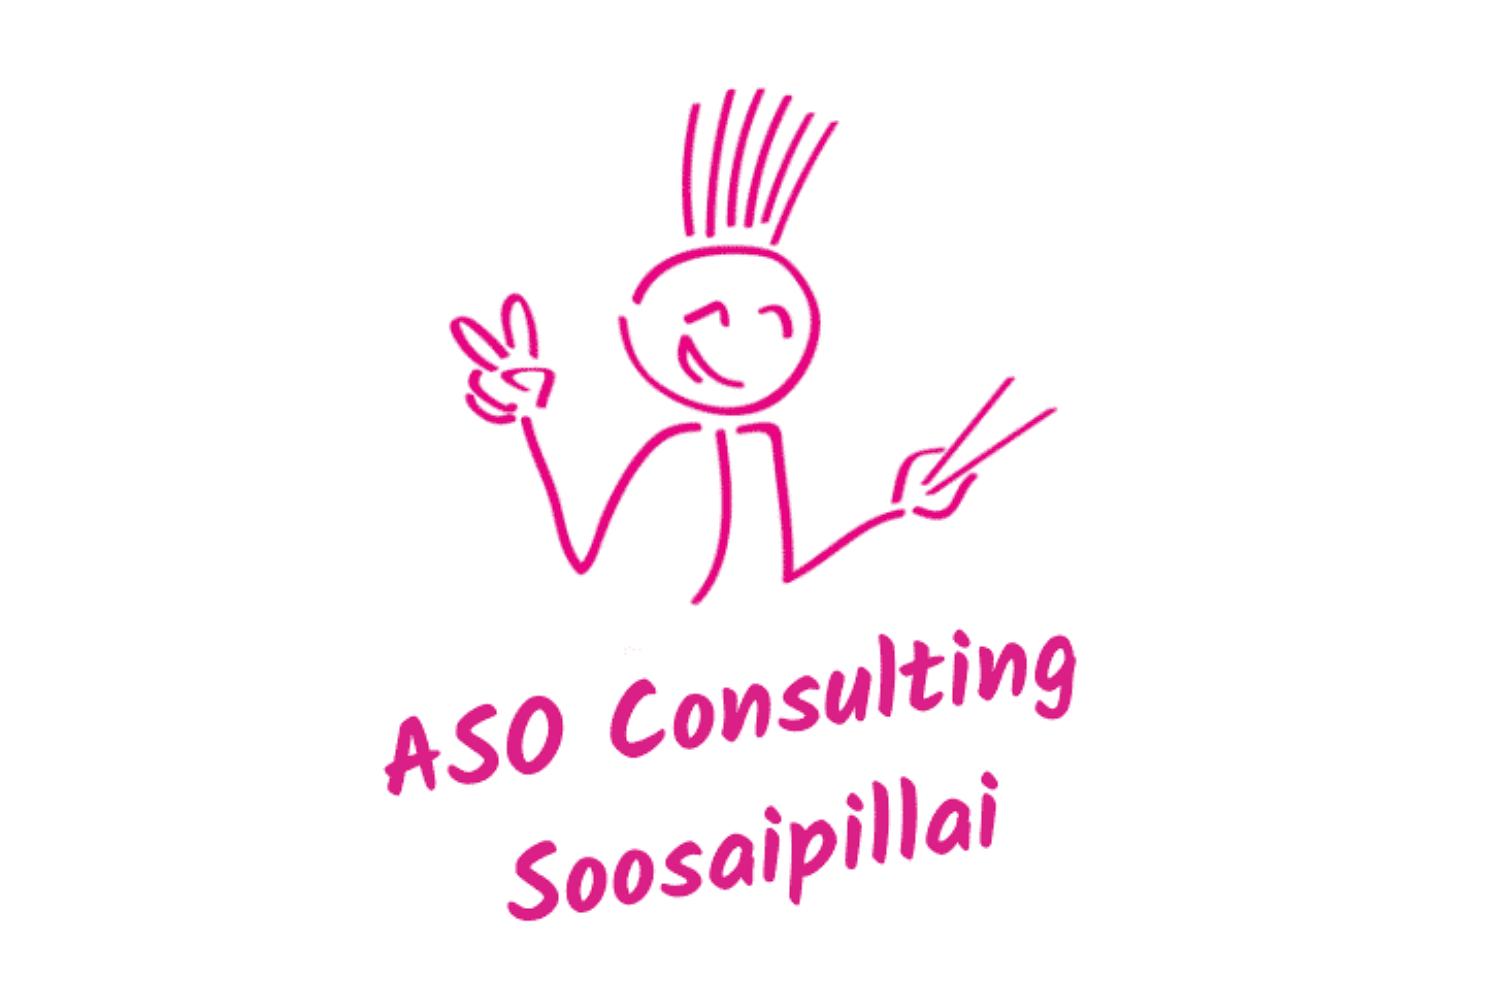 ASO Consulting - Soosaipillai